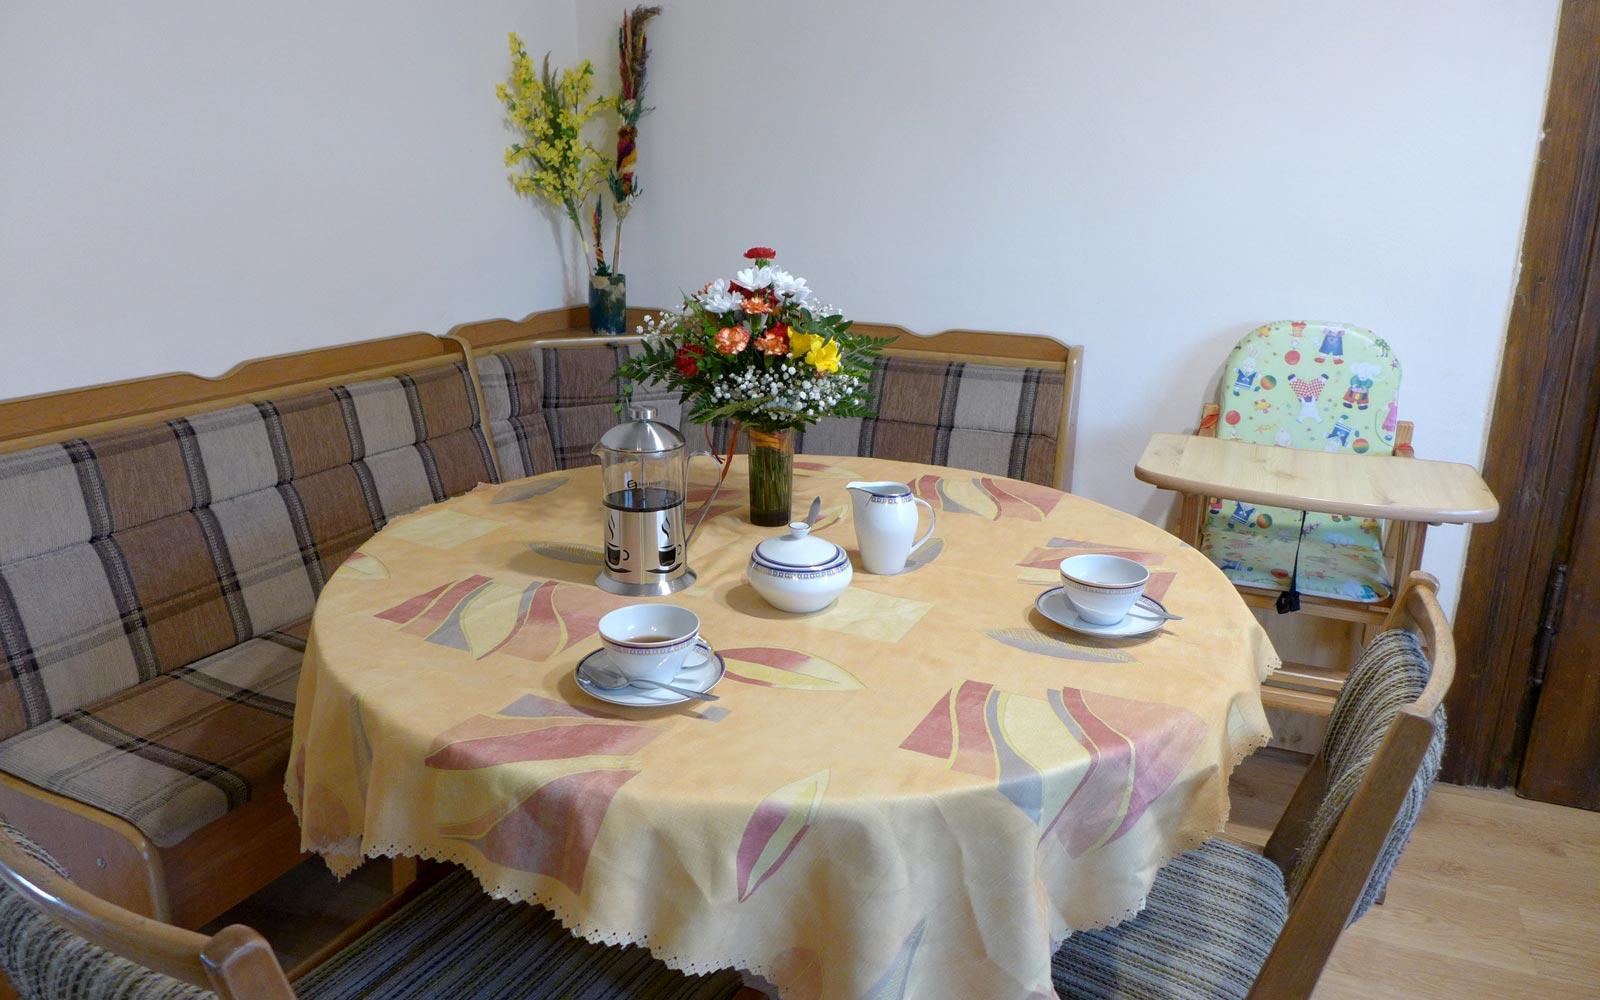 Dining Area in Maly Domek in Rabka Zdrój